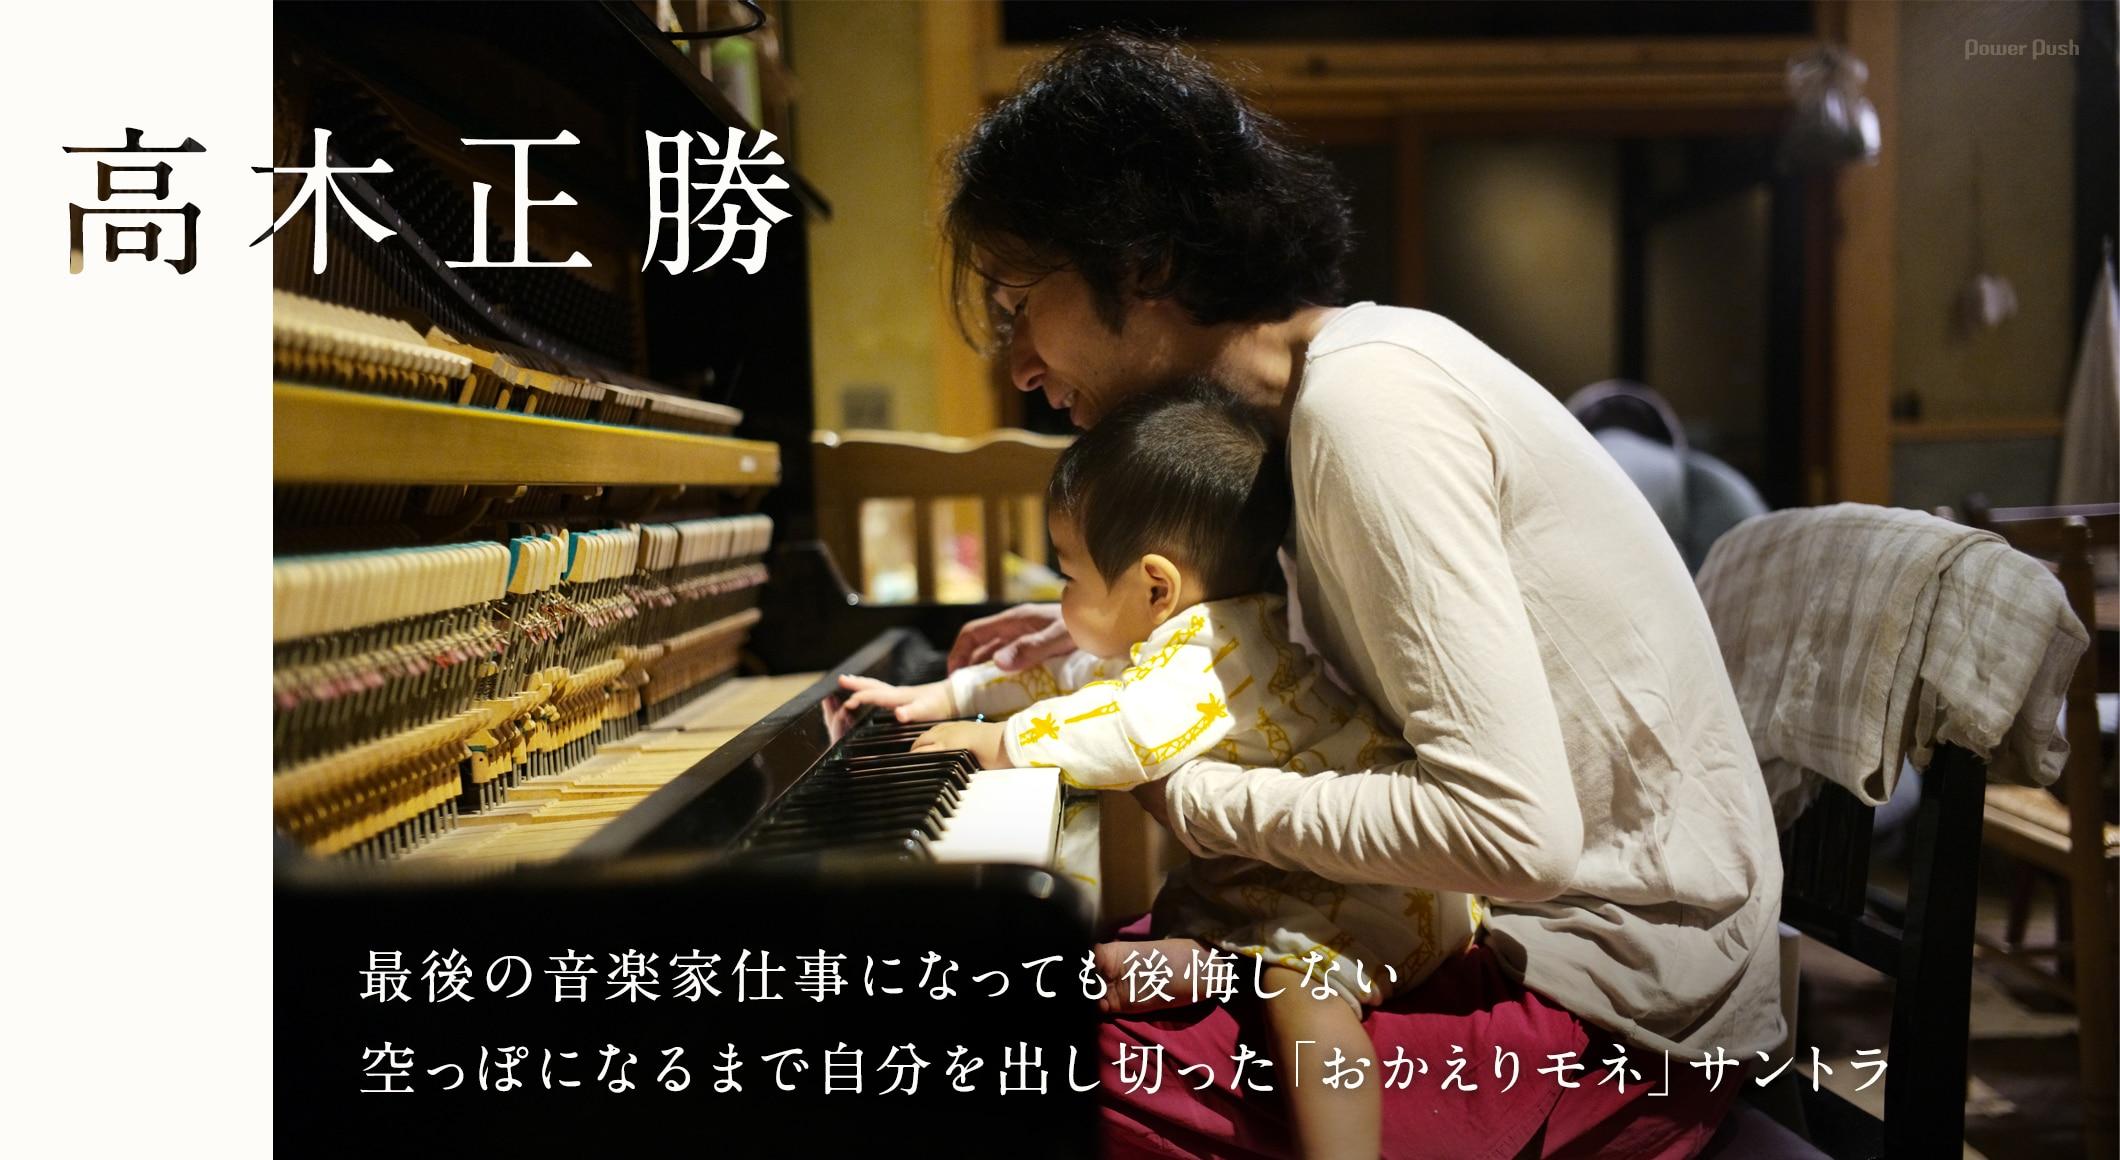 高木正勝 最後の音楽家仕事になっても後悔しない 空っぽになるまで自分を出し切った「おかえりモネ」サントラ